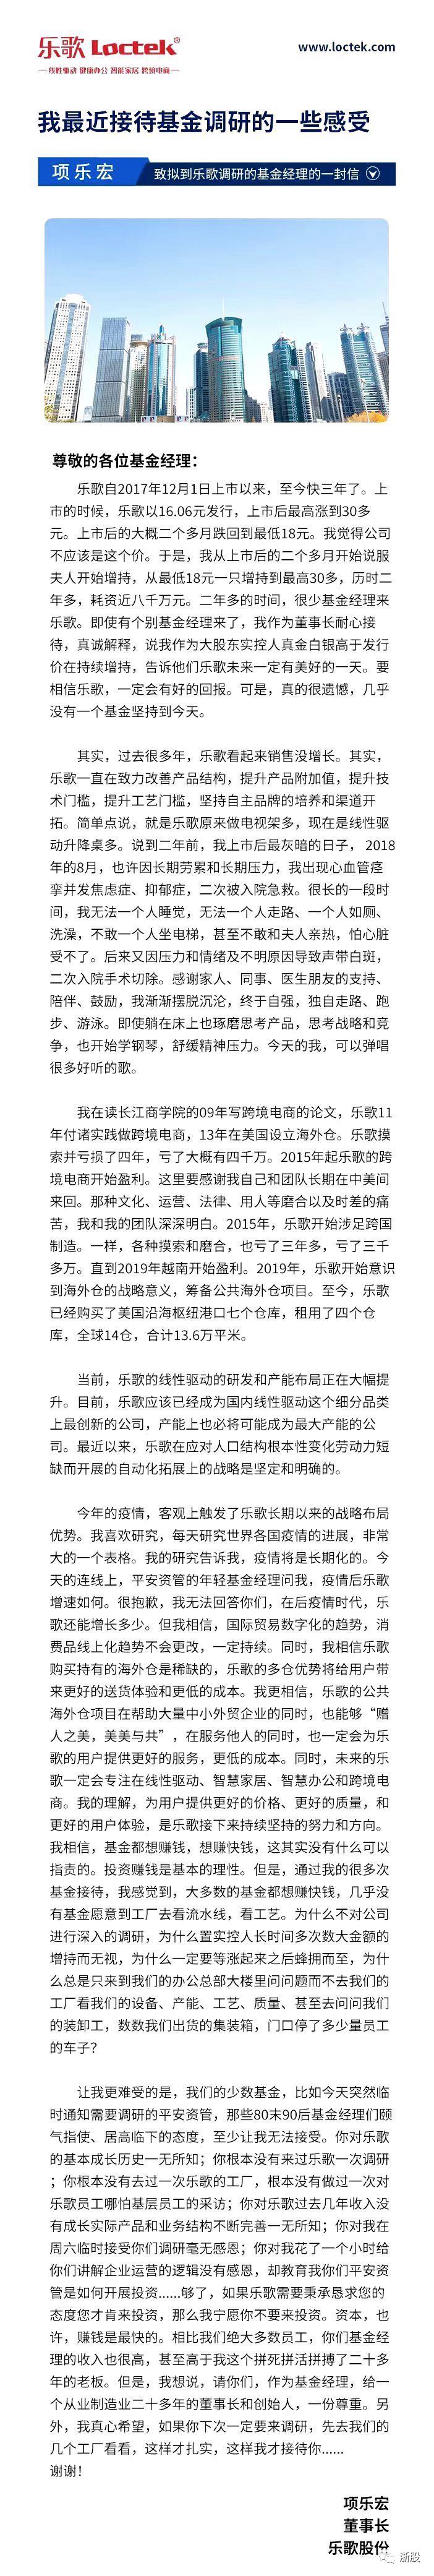 乐歌股份董事长:不欢迎平安资管的基金经理来公司投资 不尊重企业